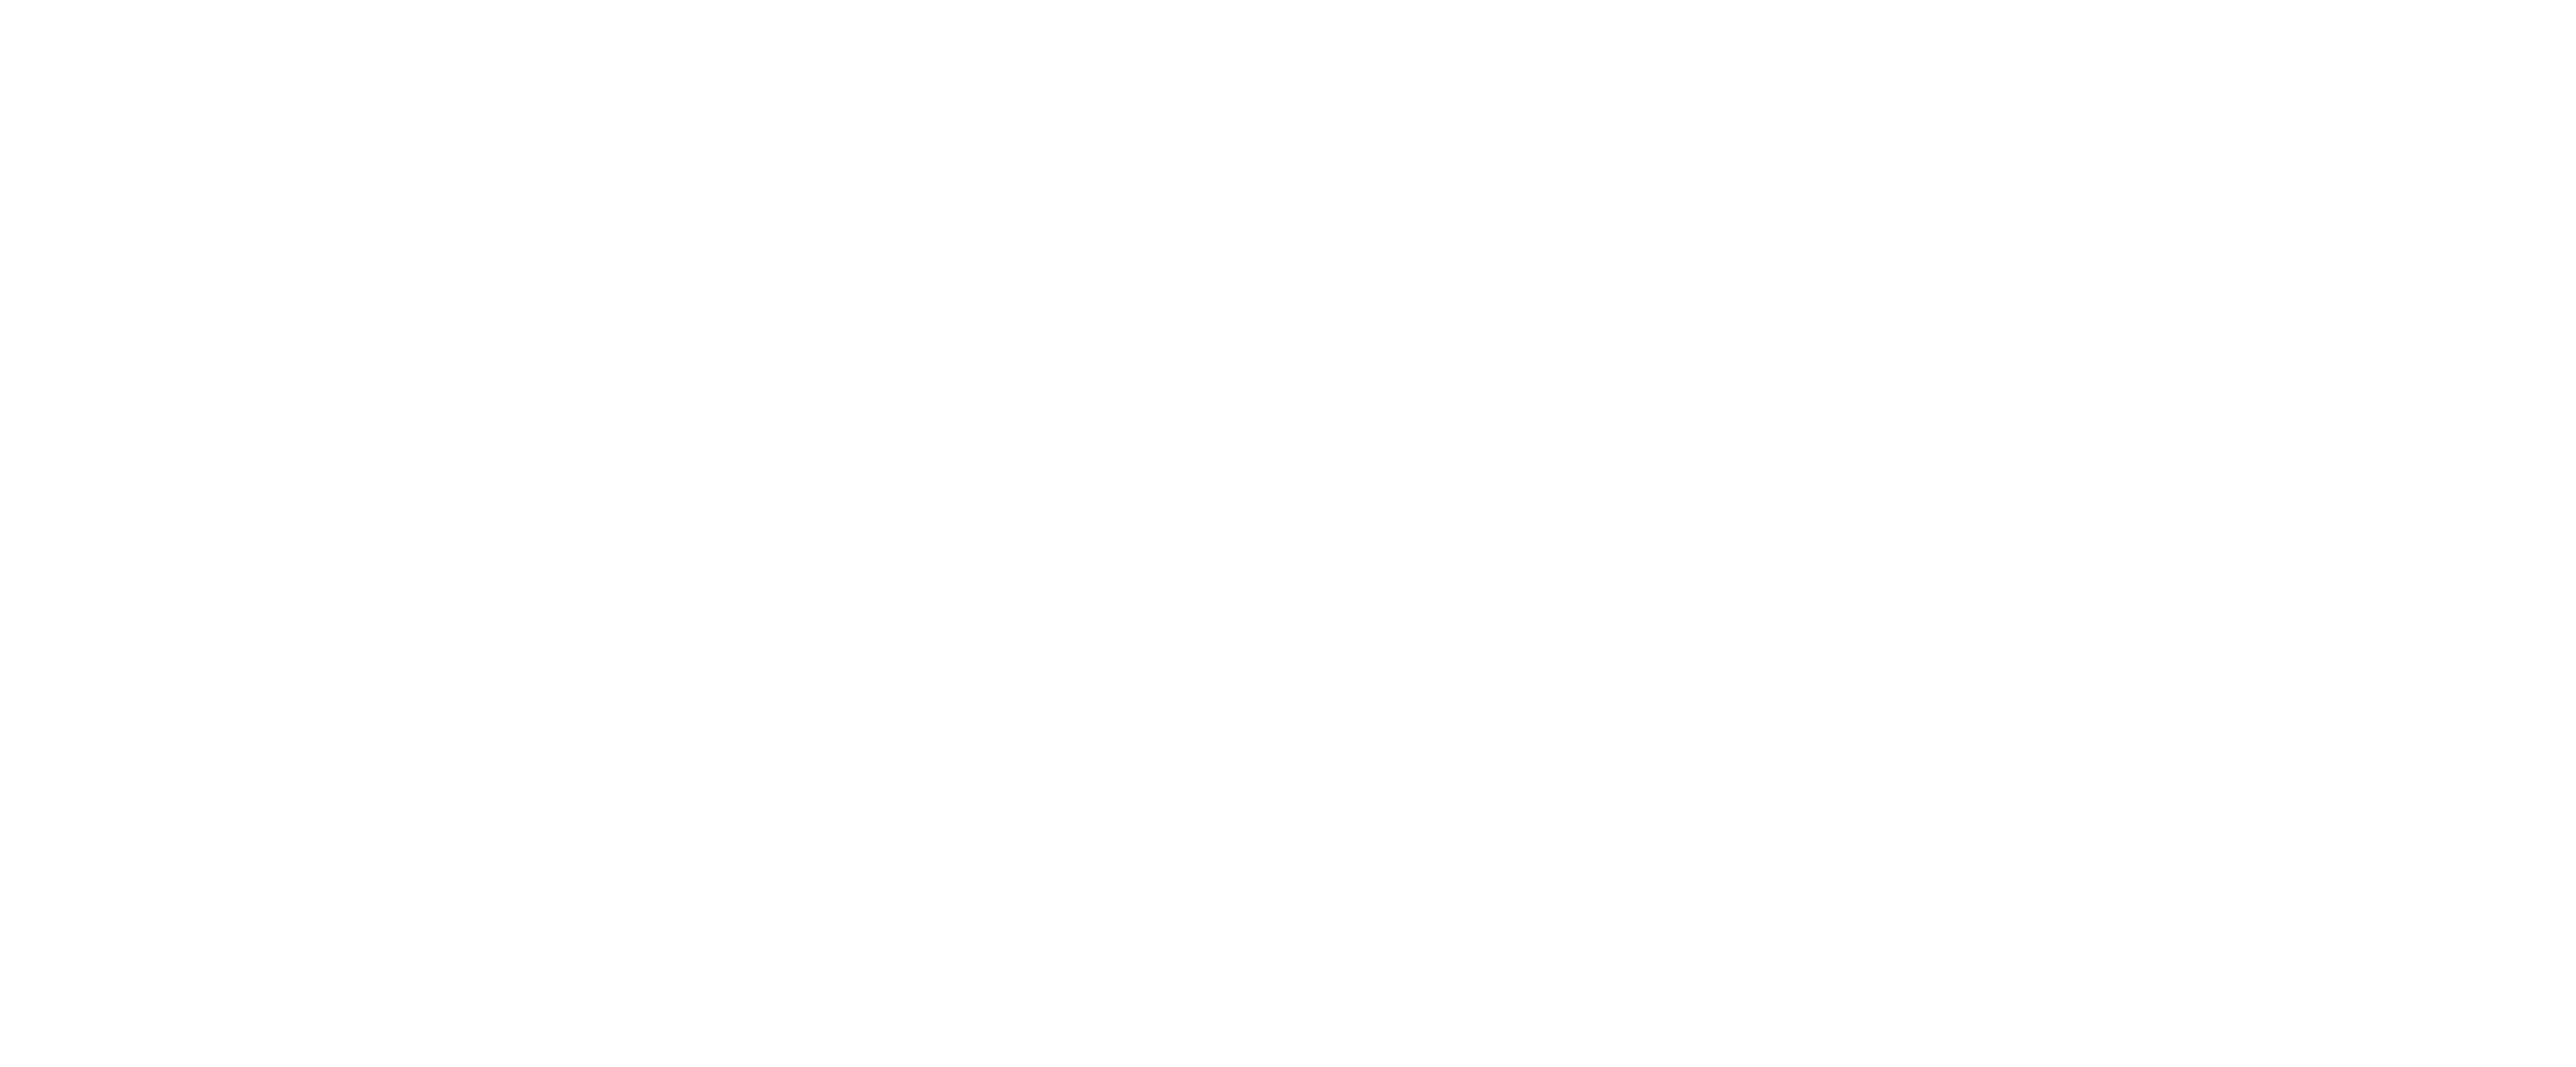 Monica-quote